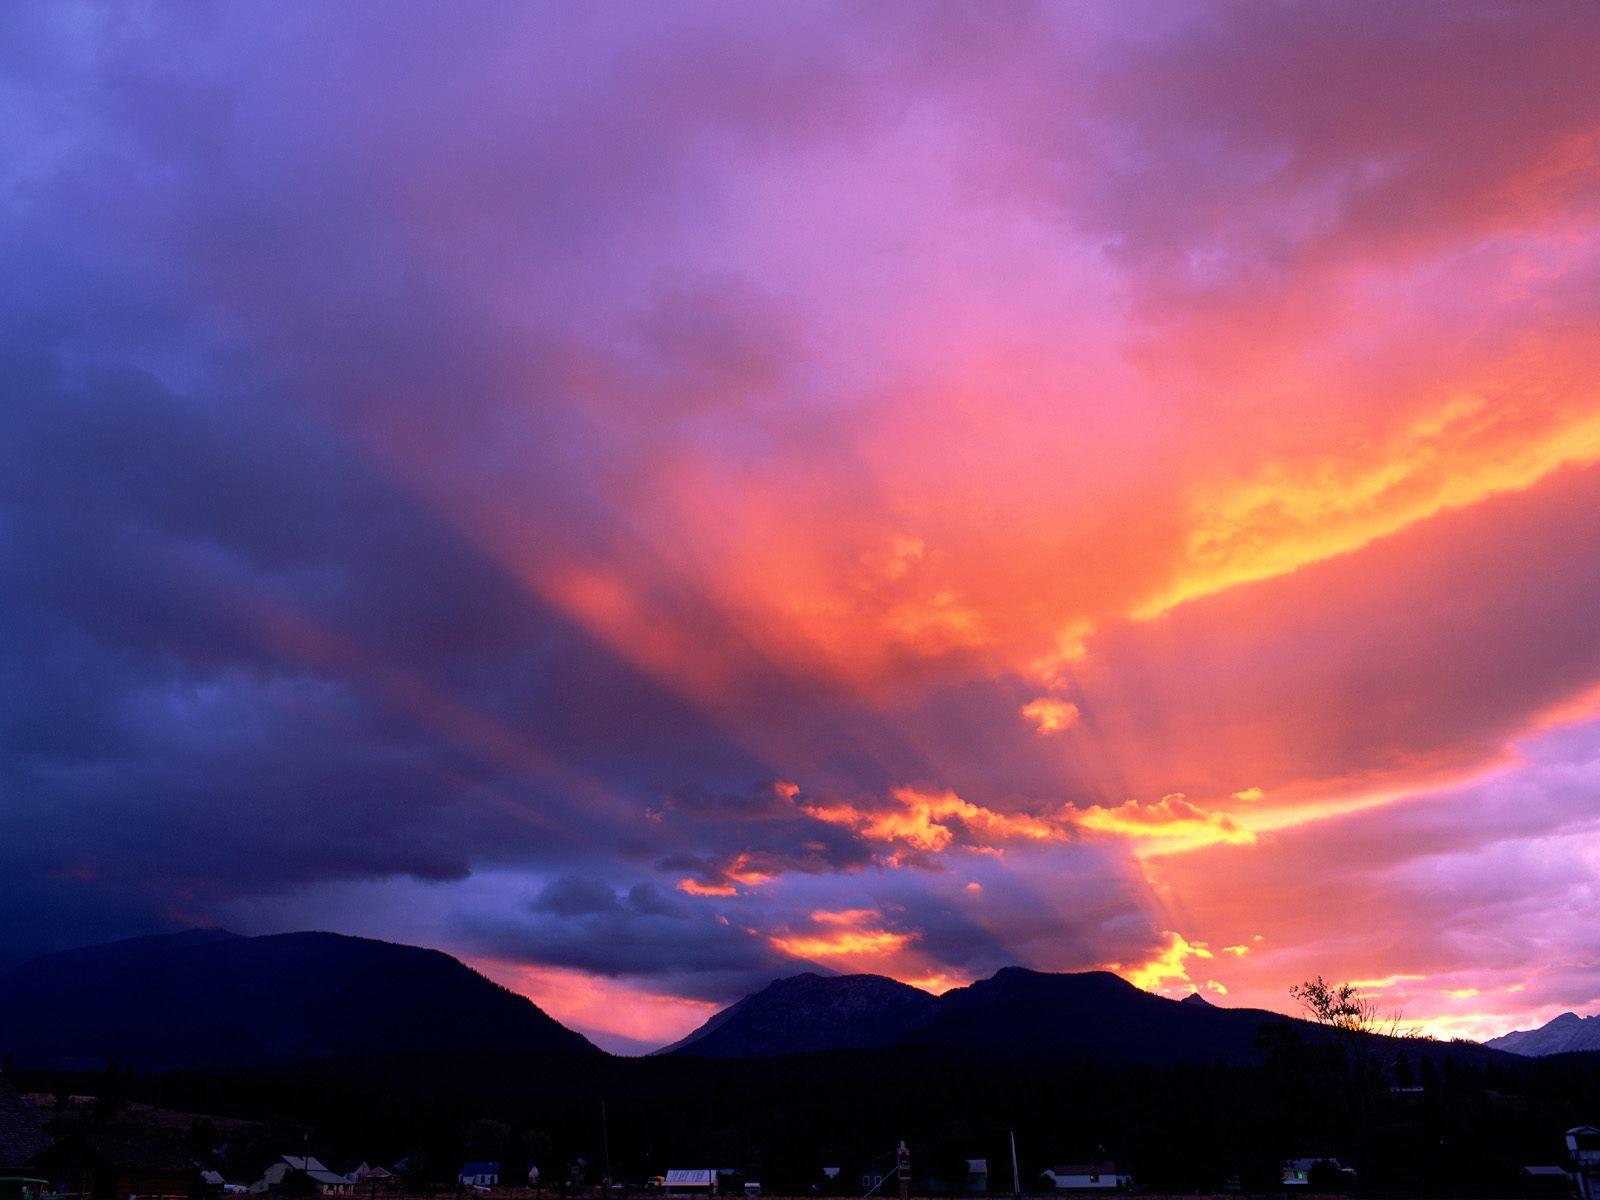 Sunset clouds wallpaper Wallpaper Wide HD 1600x1200